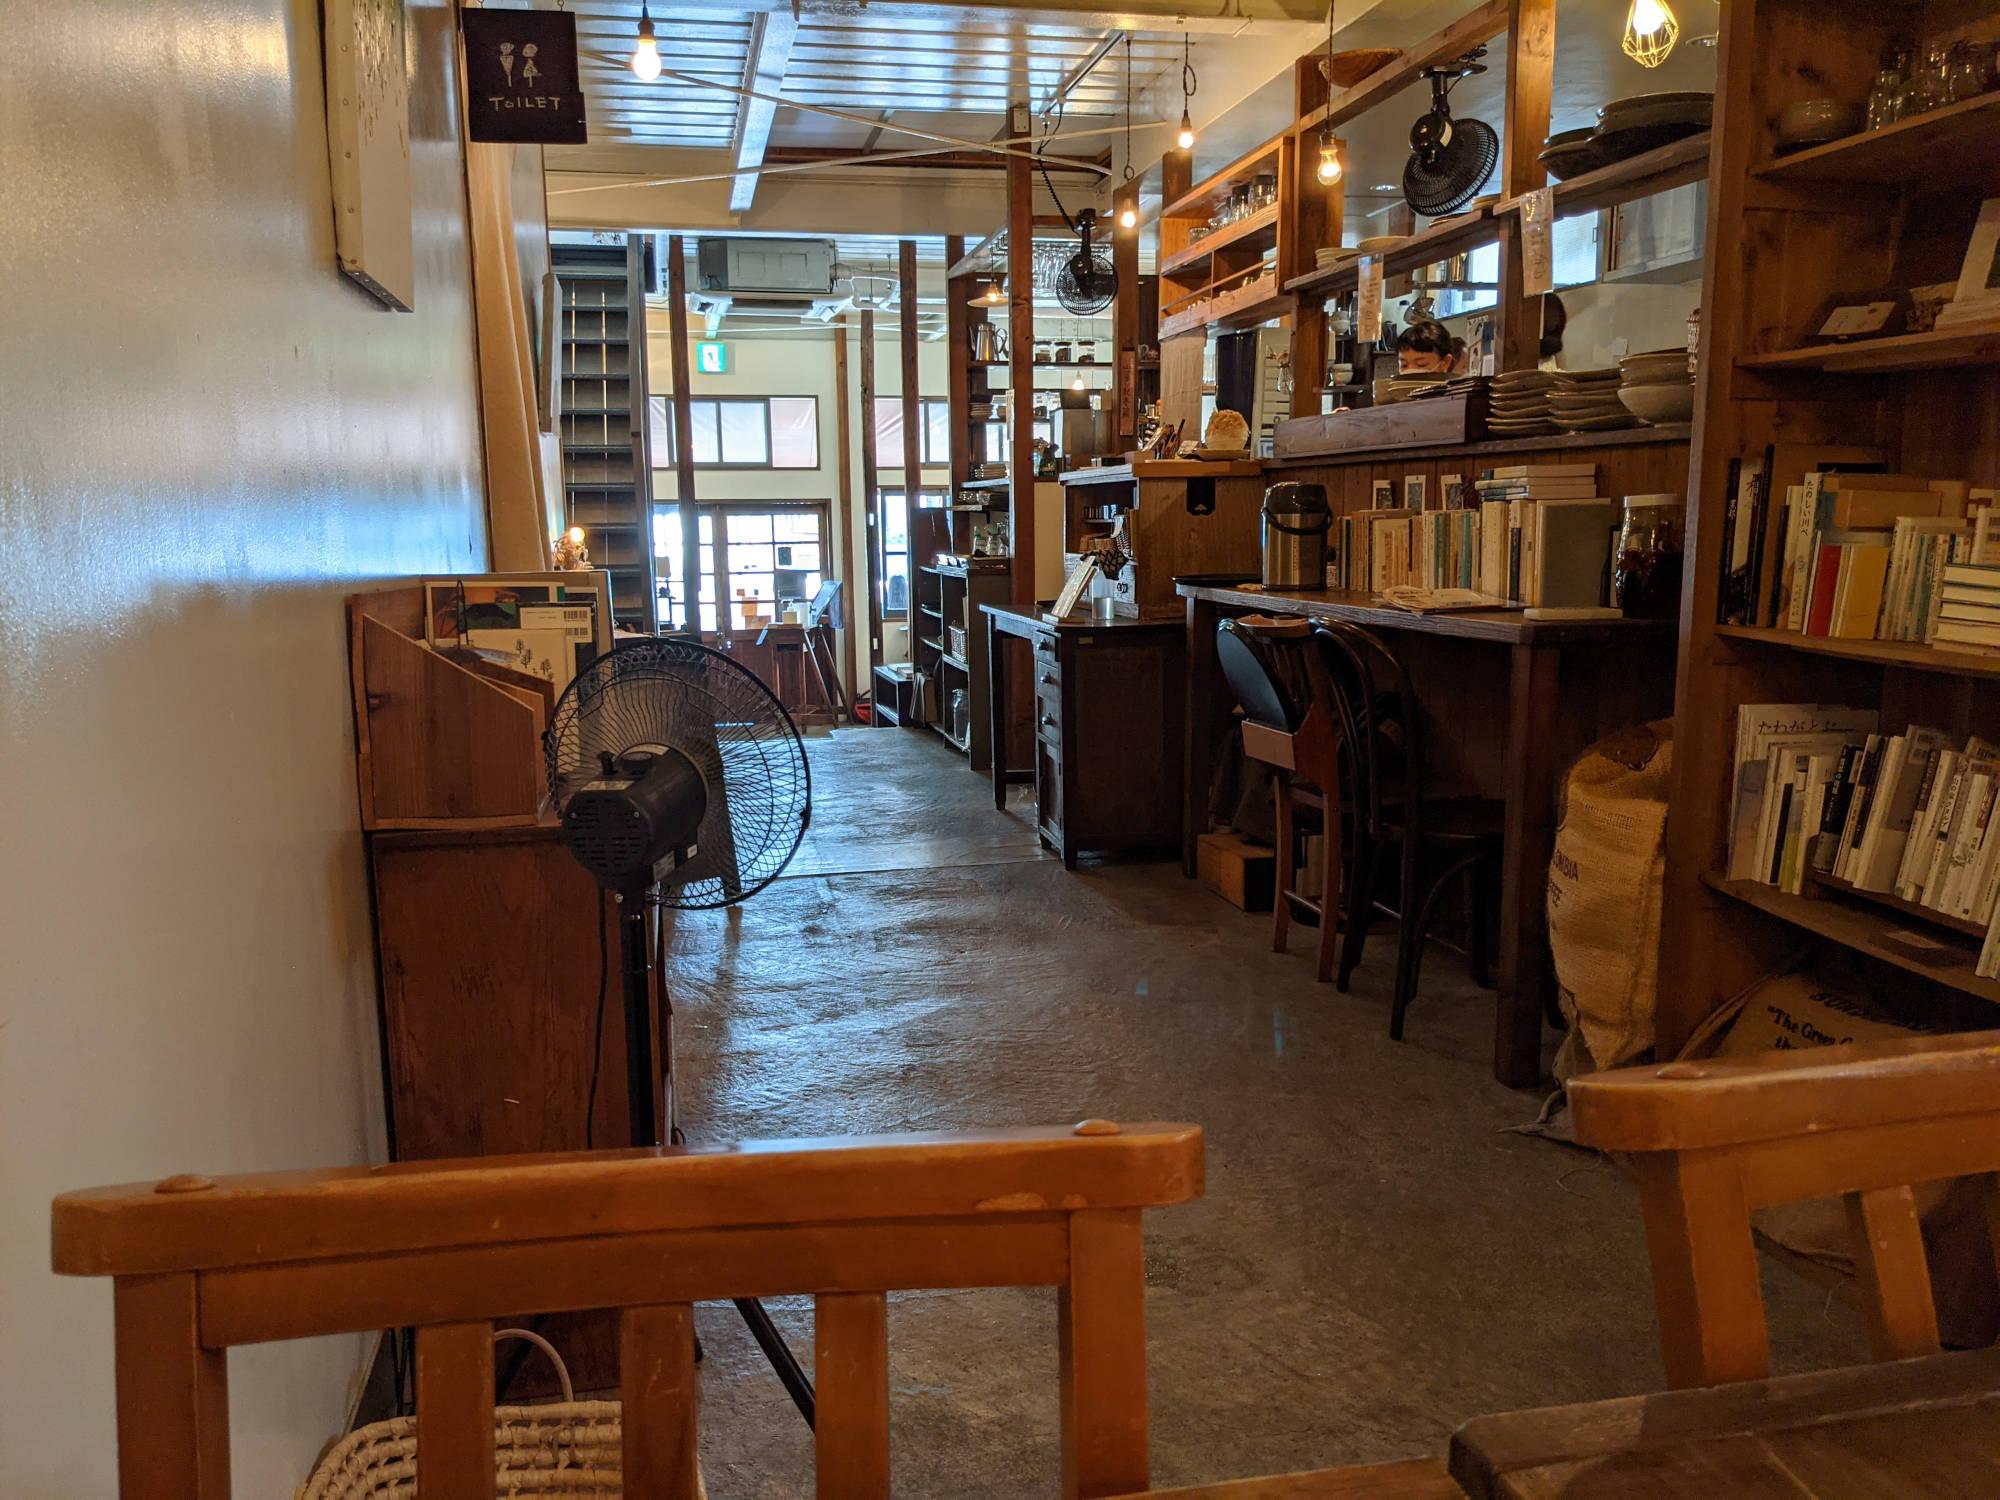 ブオリの店内の写真